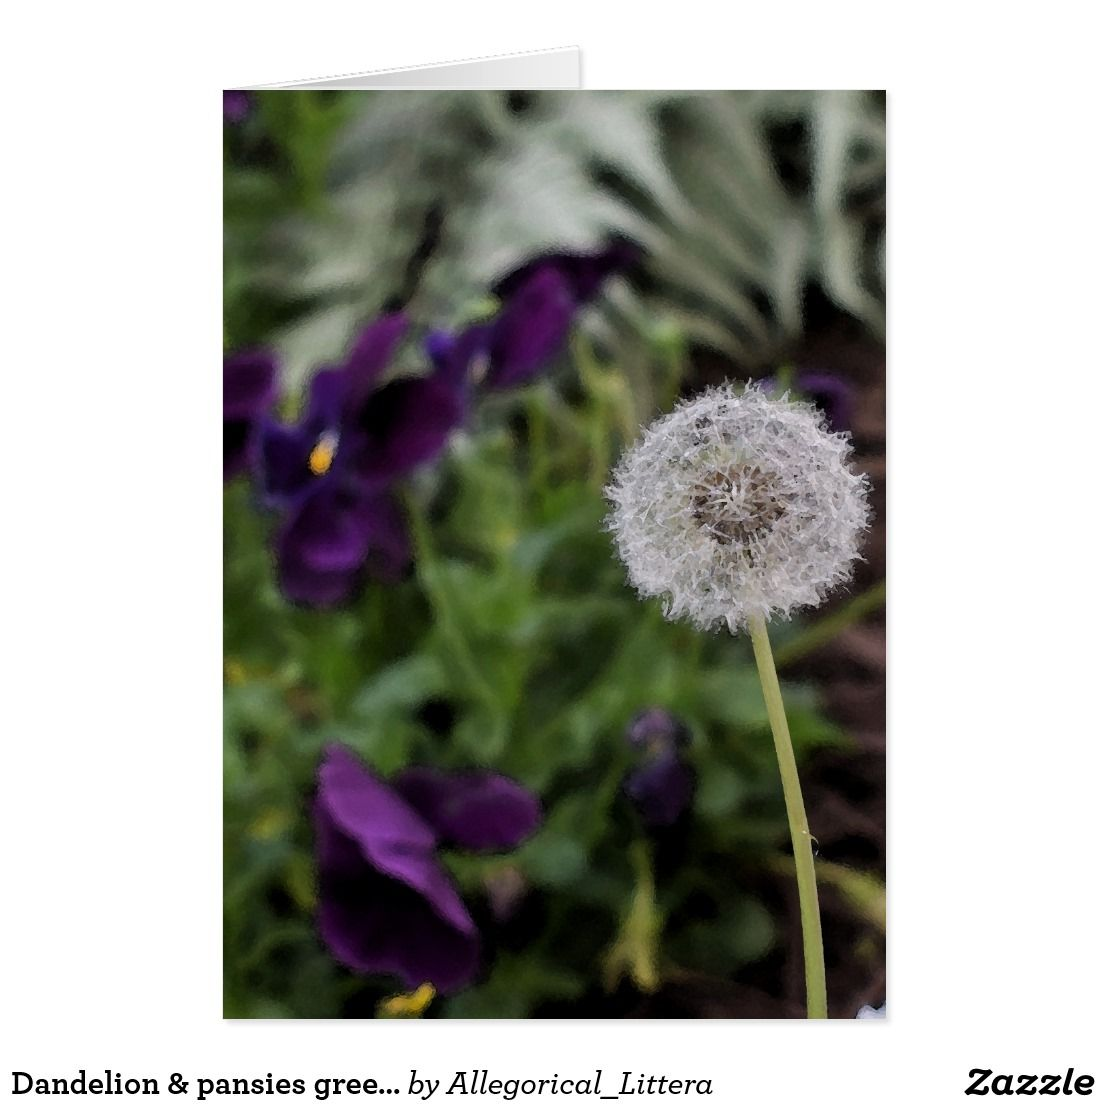 Dandelion pansies greeting card blank inside card for your own dandelion pansies greeting card blank inside card for your own message suitable for kristyandbryce Images